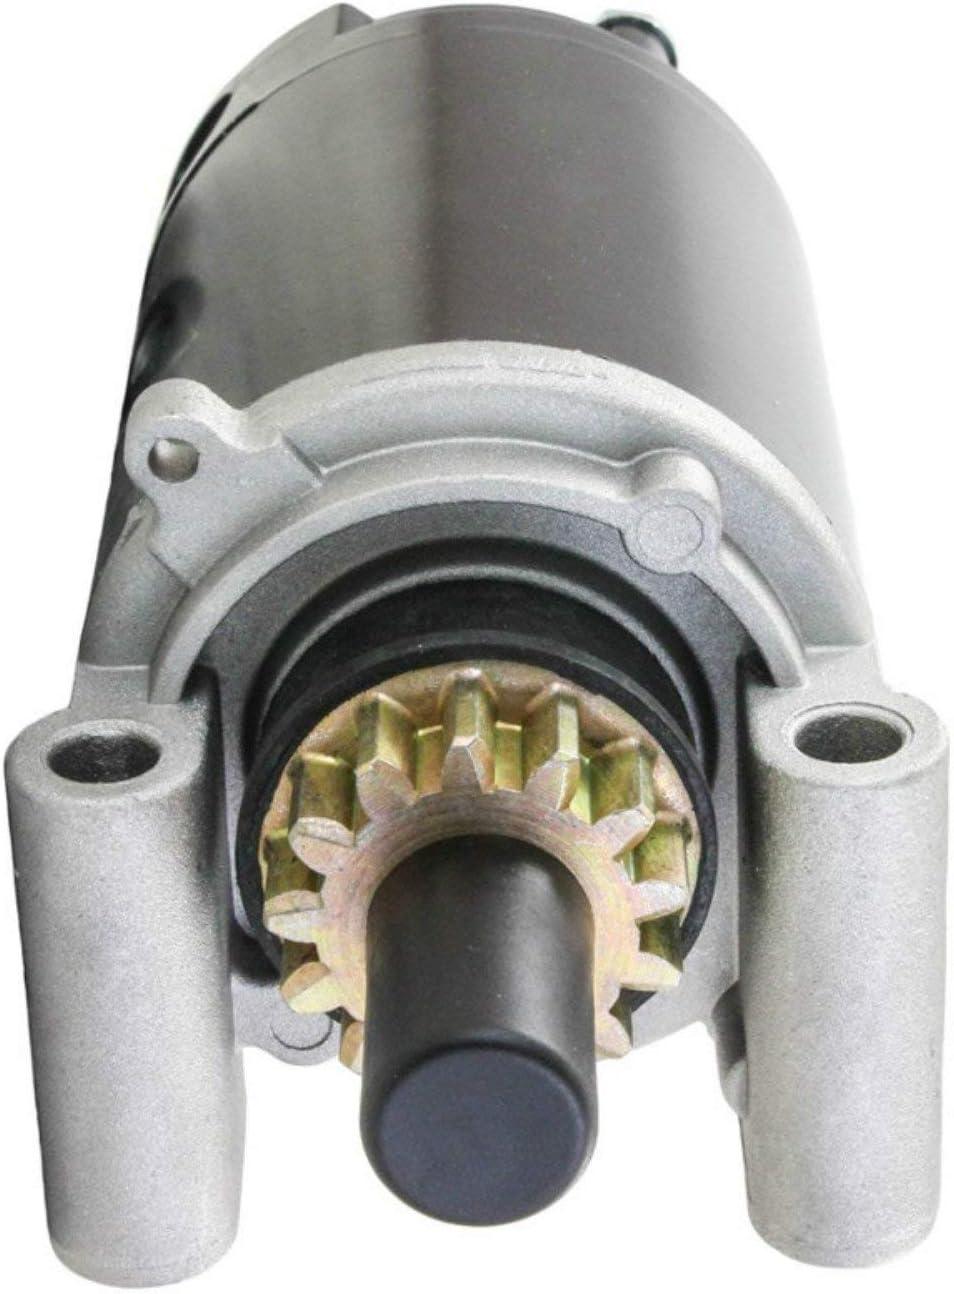 OakTen Very popular Starter Motor for Kohler Branded goods 098 06 05 09 12